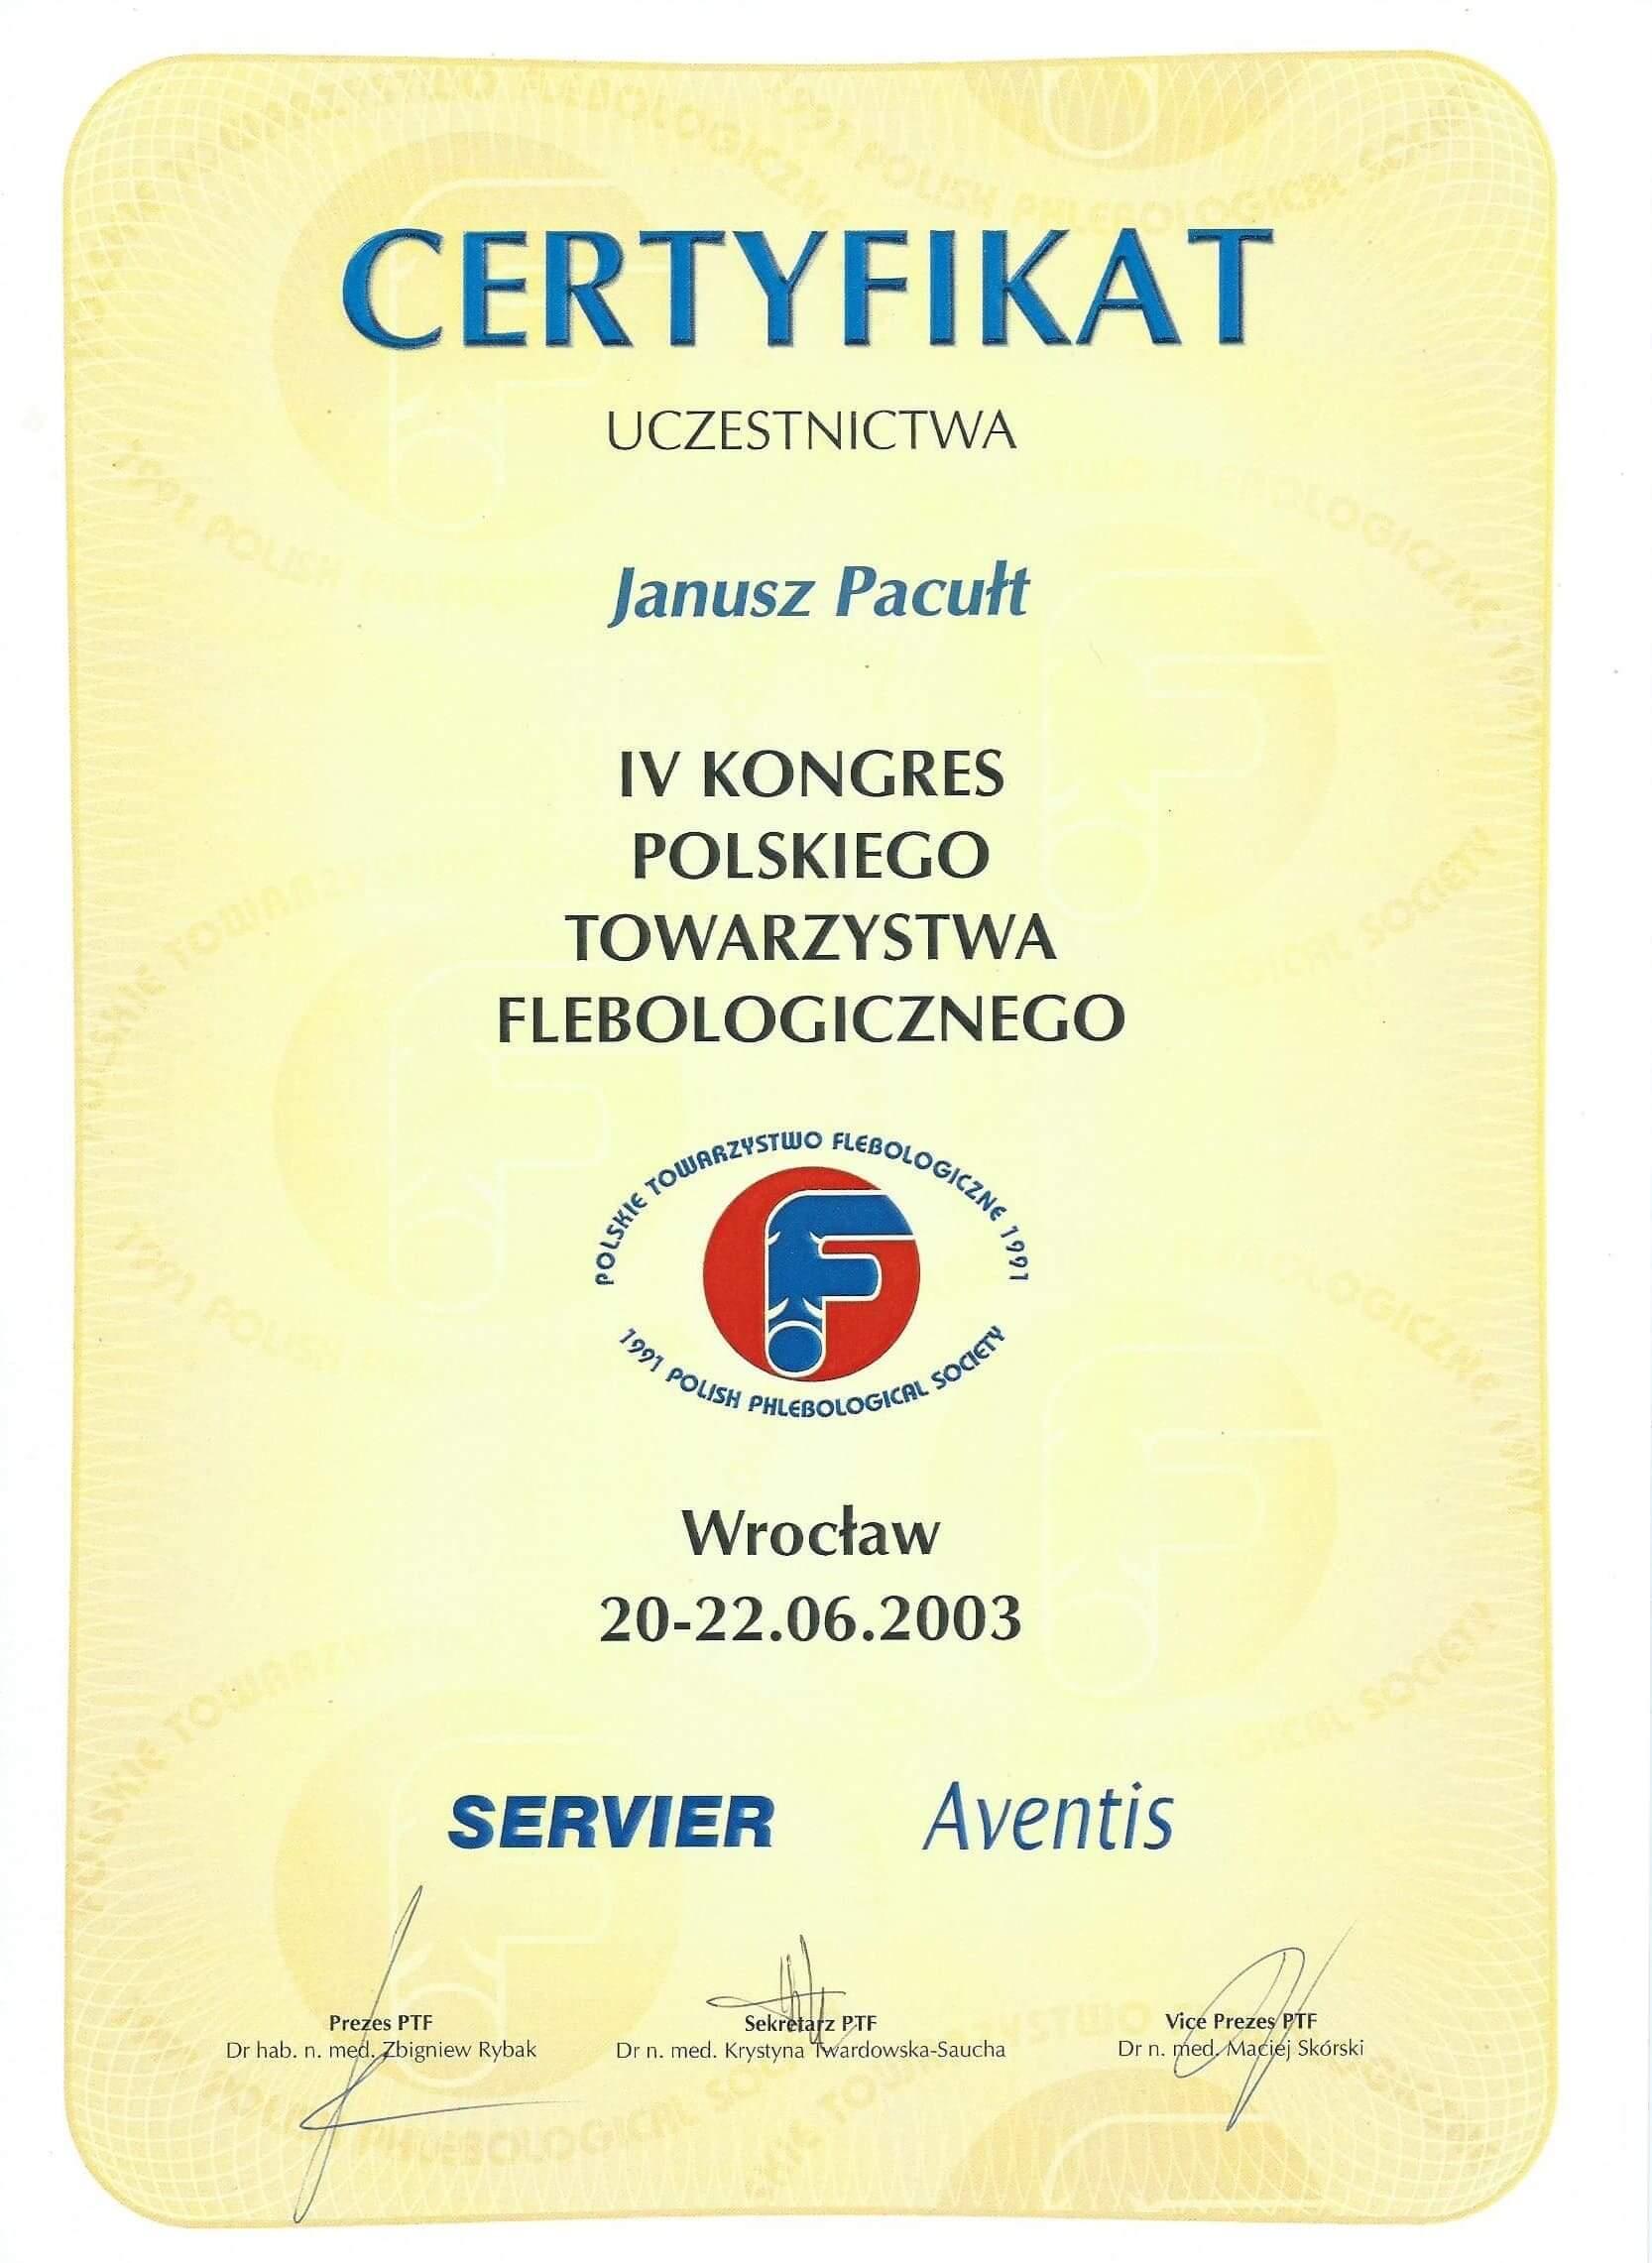 2003 PTF Wrocław